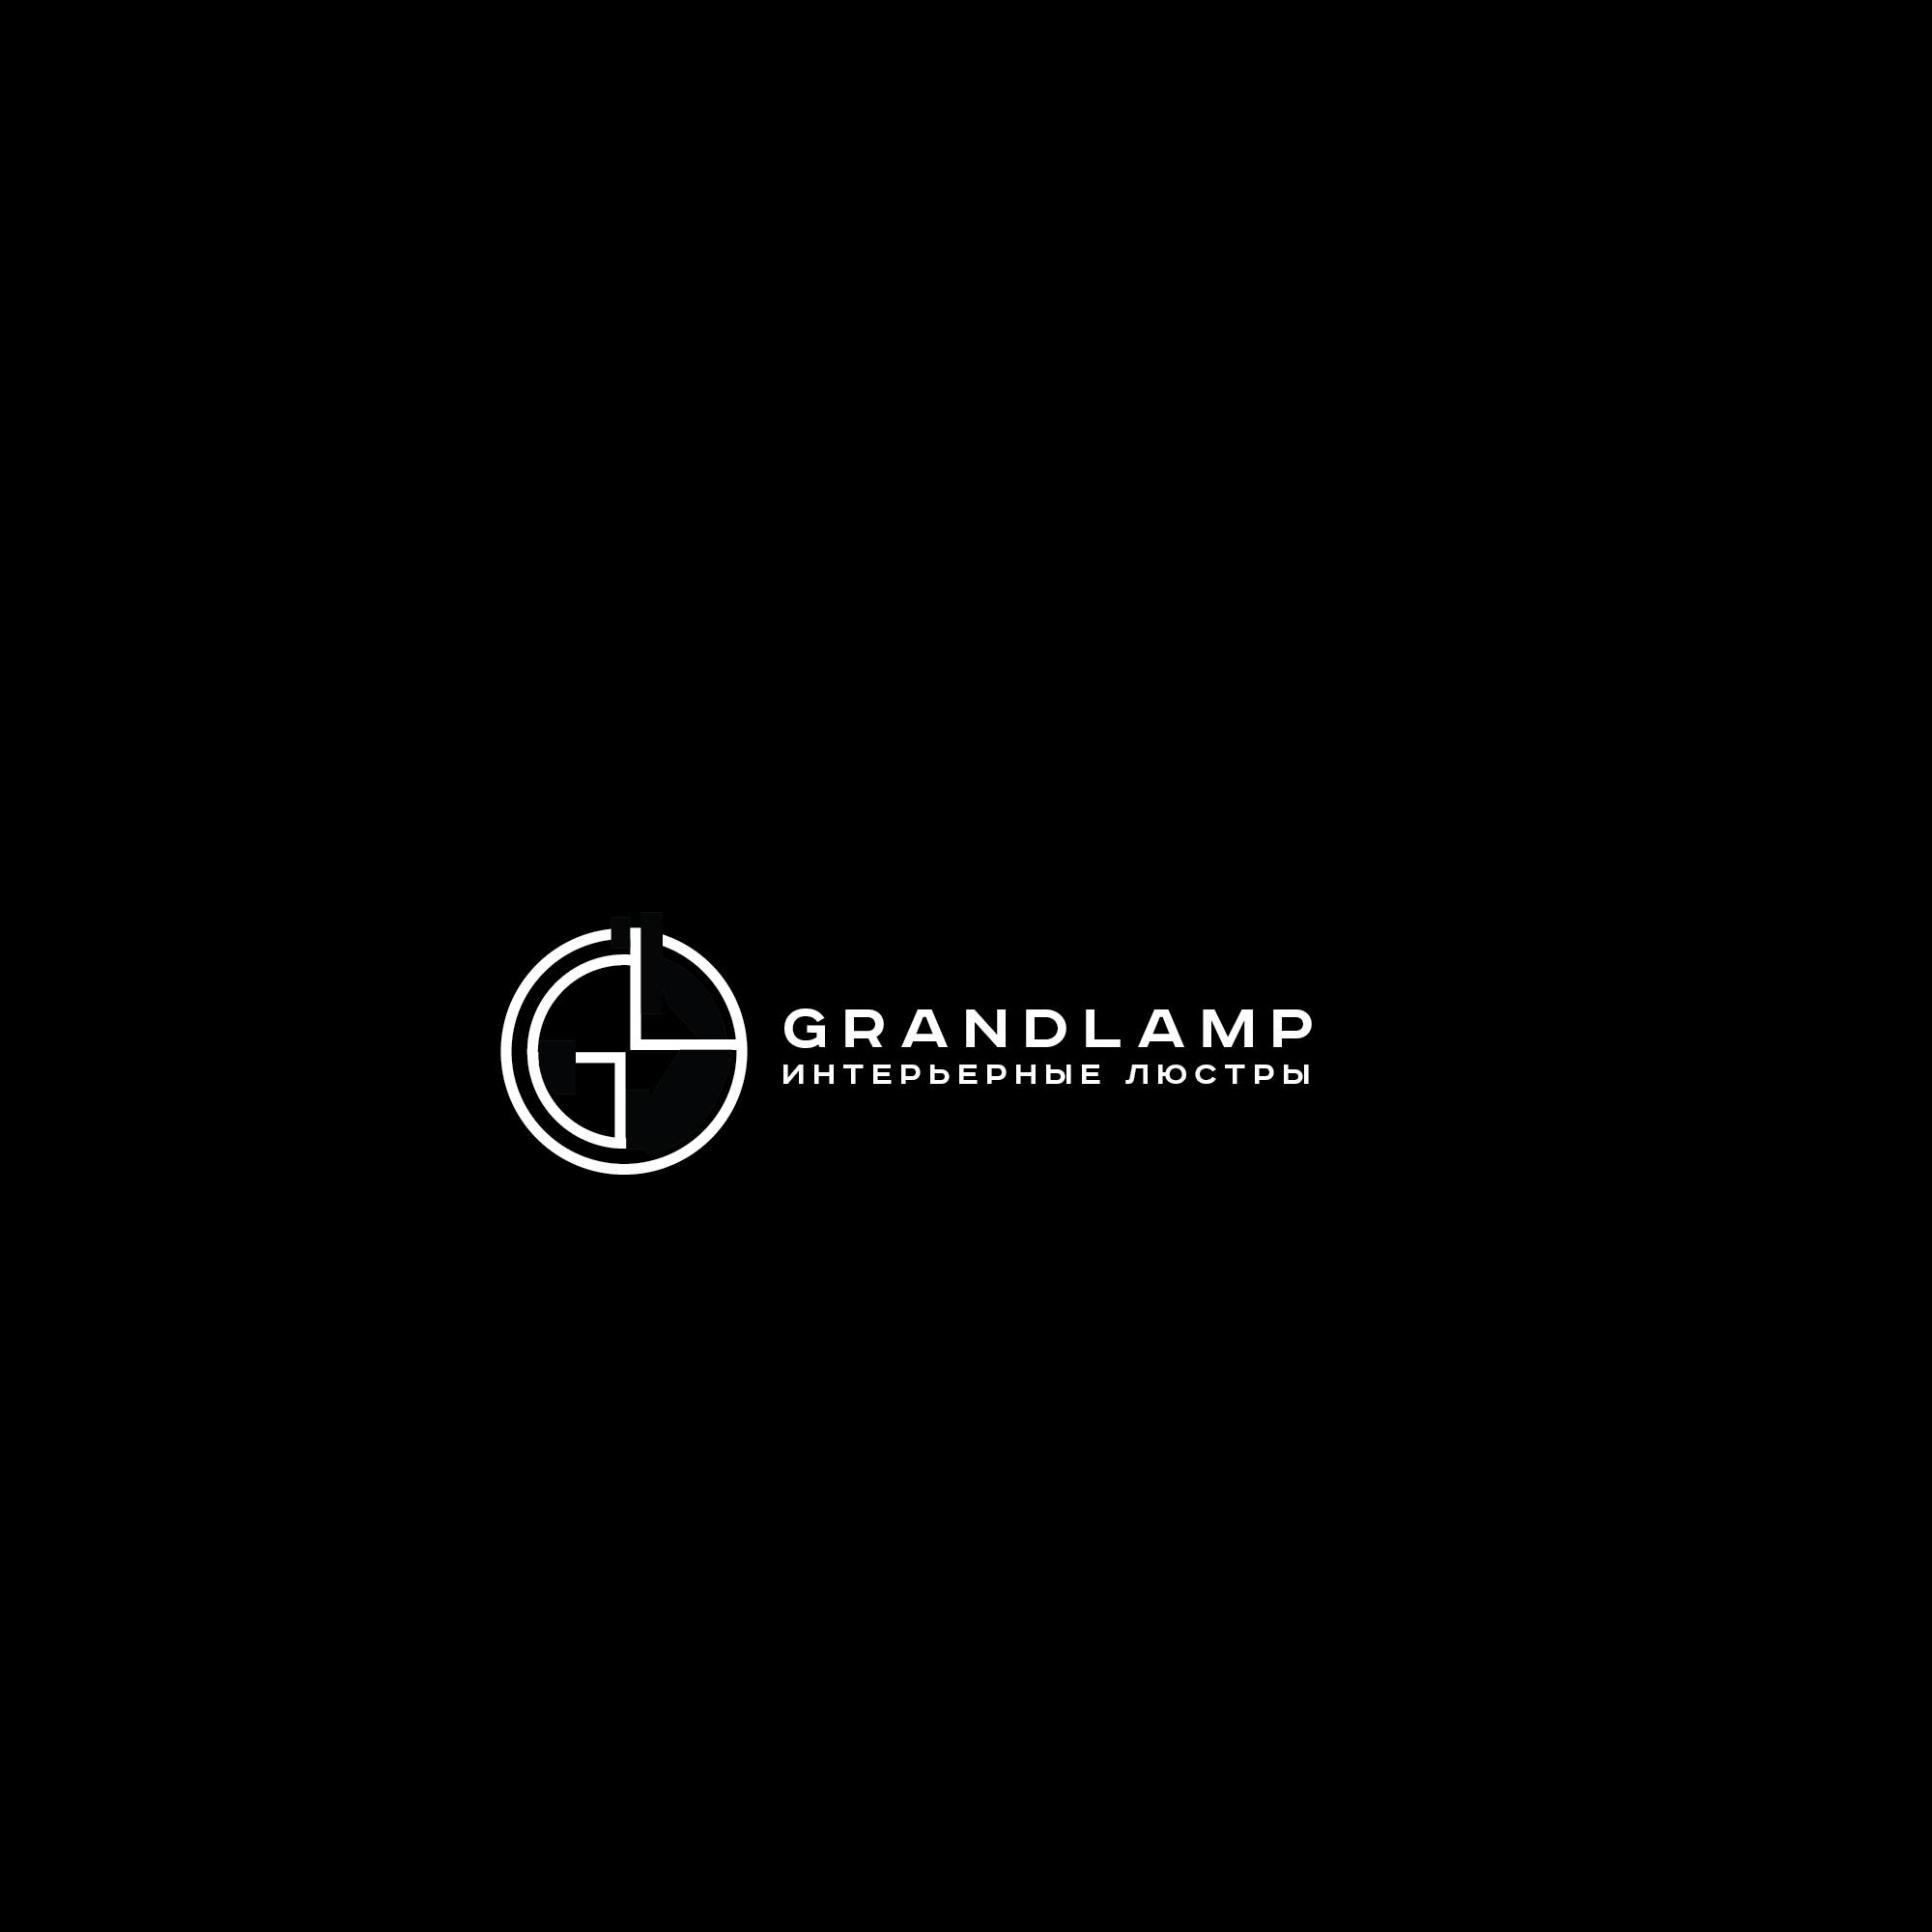 Разработка логотипа и элементов фирменного стиля фото f_96257e11aaca482a.jpg